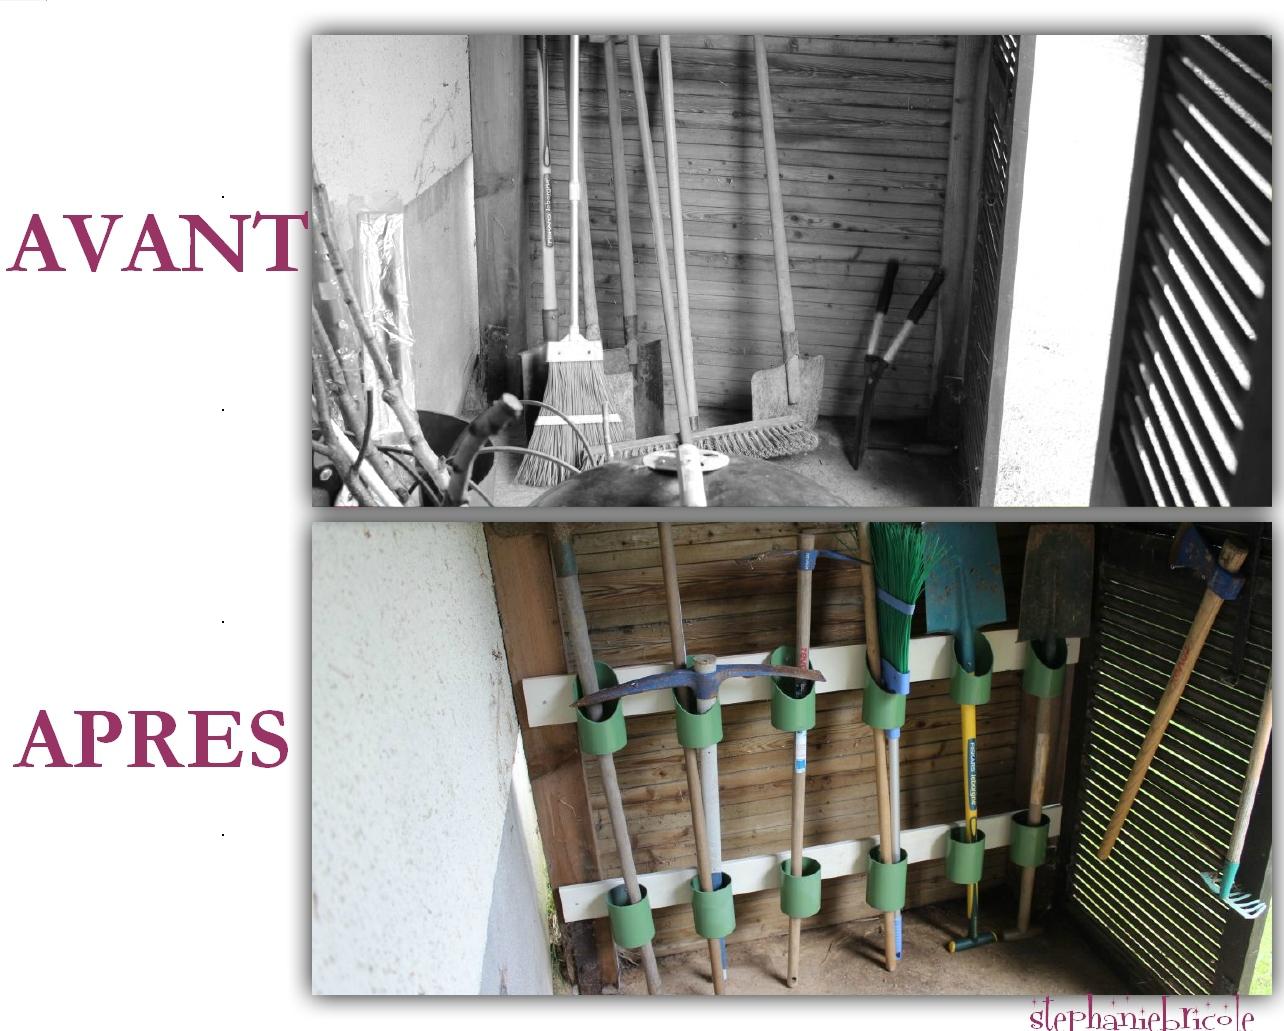 Idée De Rangement Récup Pour Le Jardin ! - Stéphanie Bricole encequiconcerne Rangement Outil De Jardin